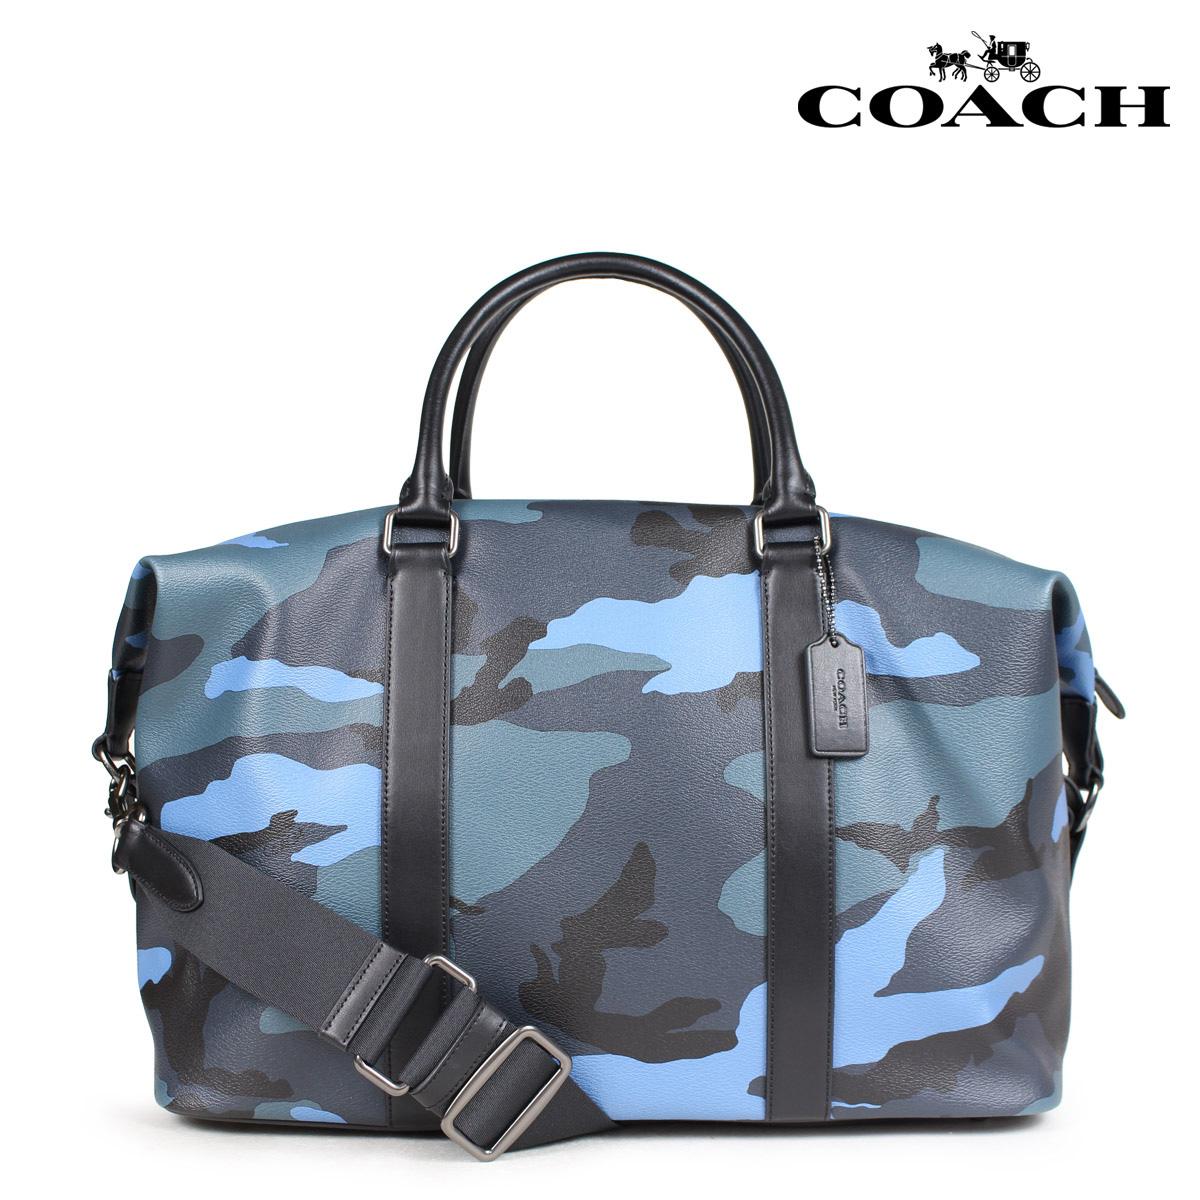 COACH コーチ バッグ ボストンバッグ メンズ レディース レザー ブルーカモ F29049